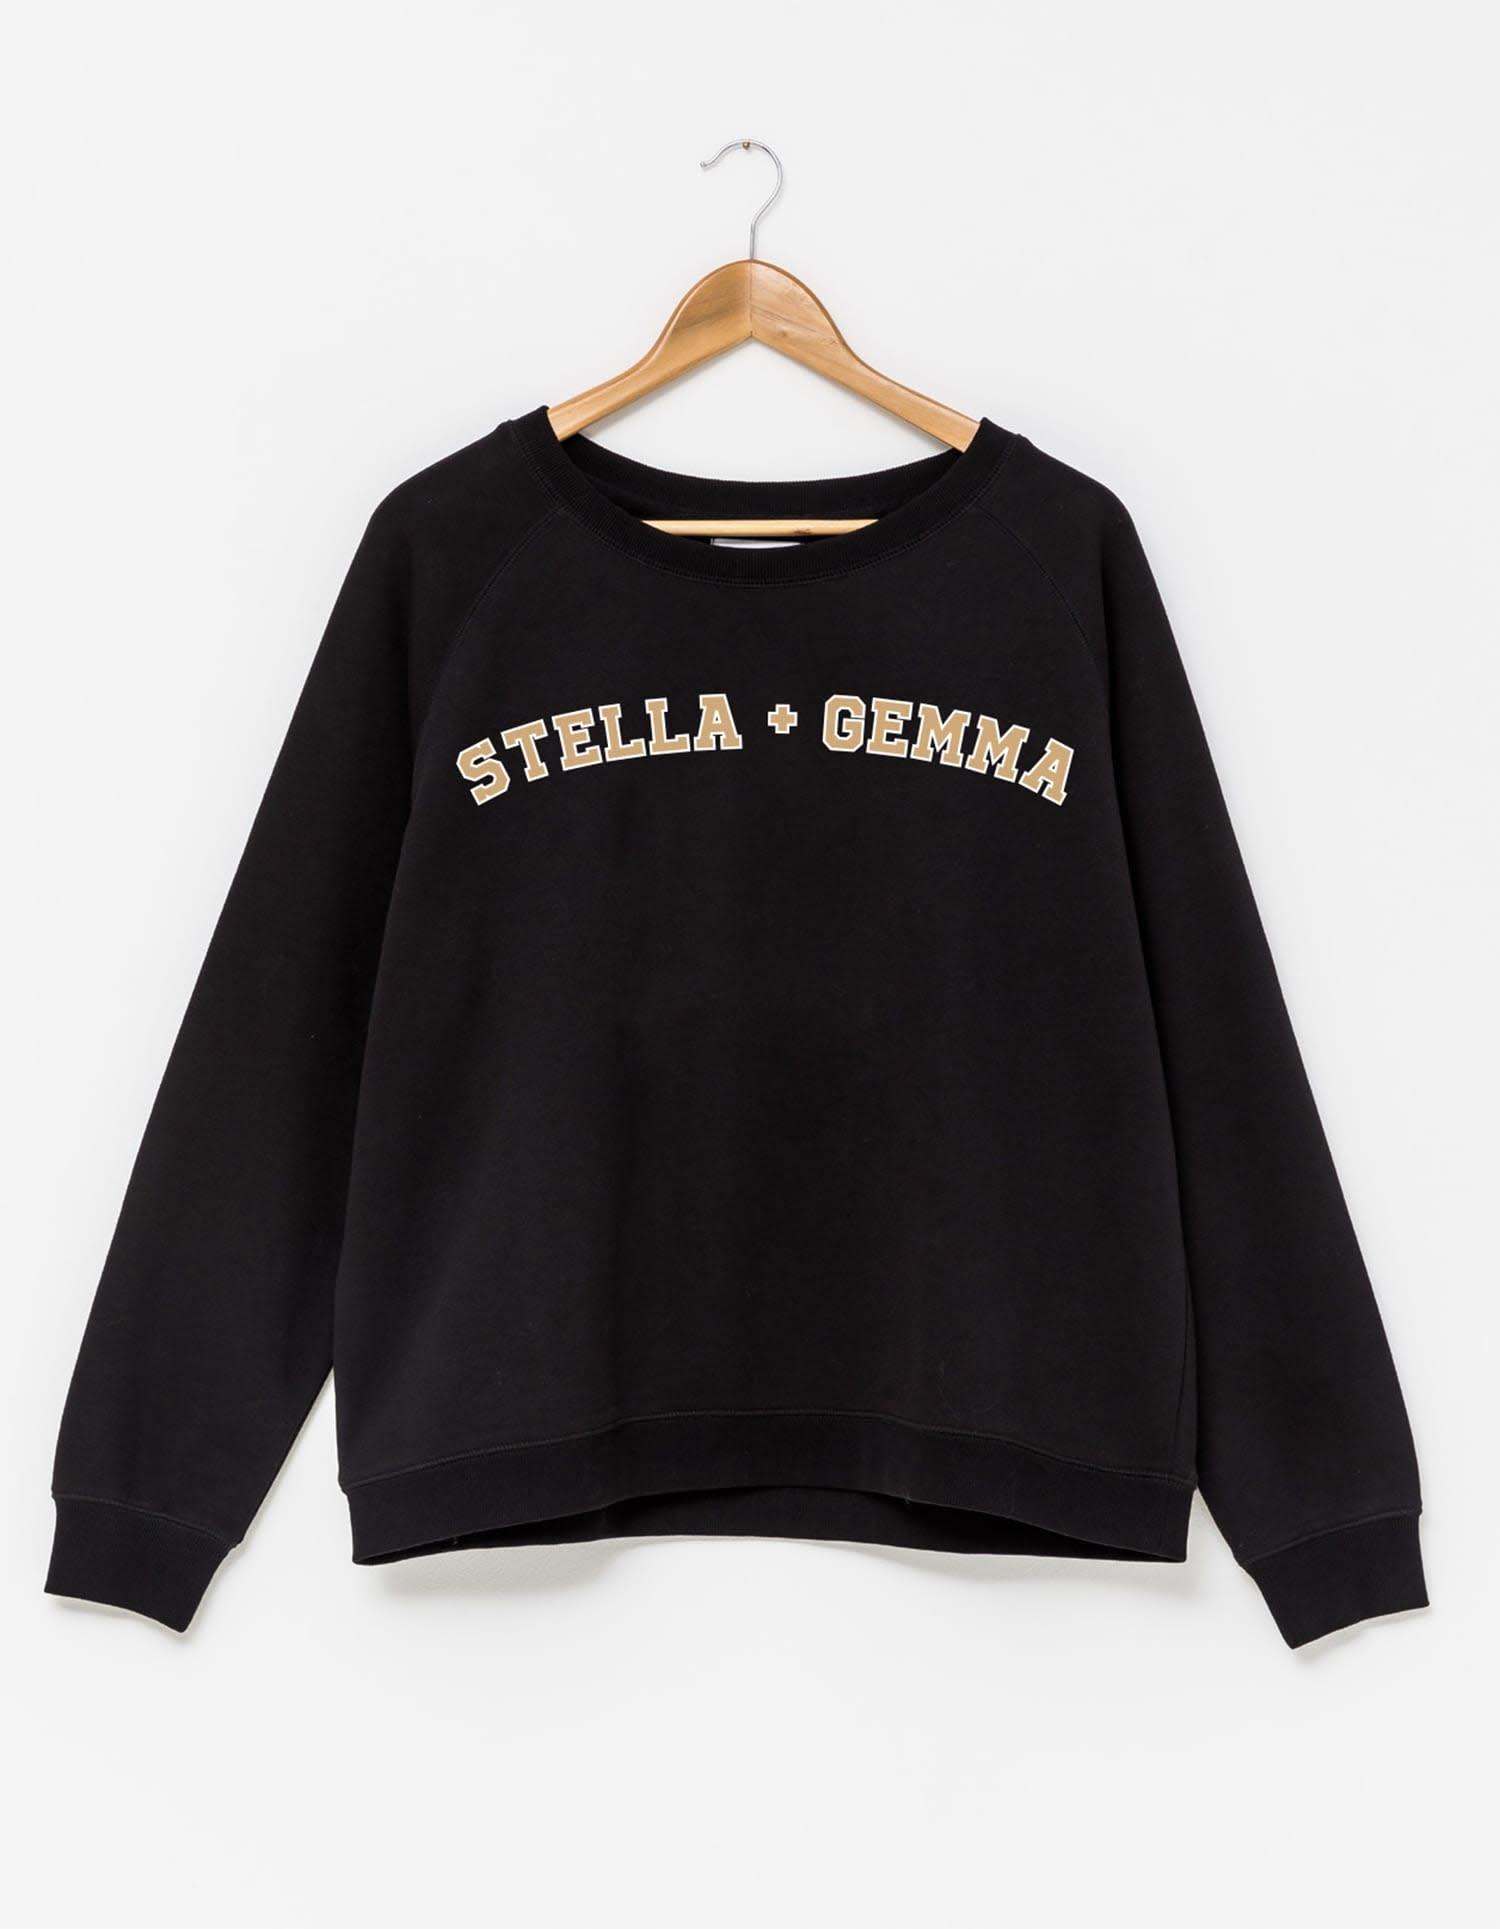 Stella & Gemma Black Varsity Logo Jumper